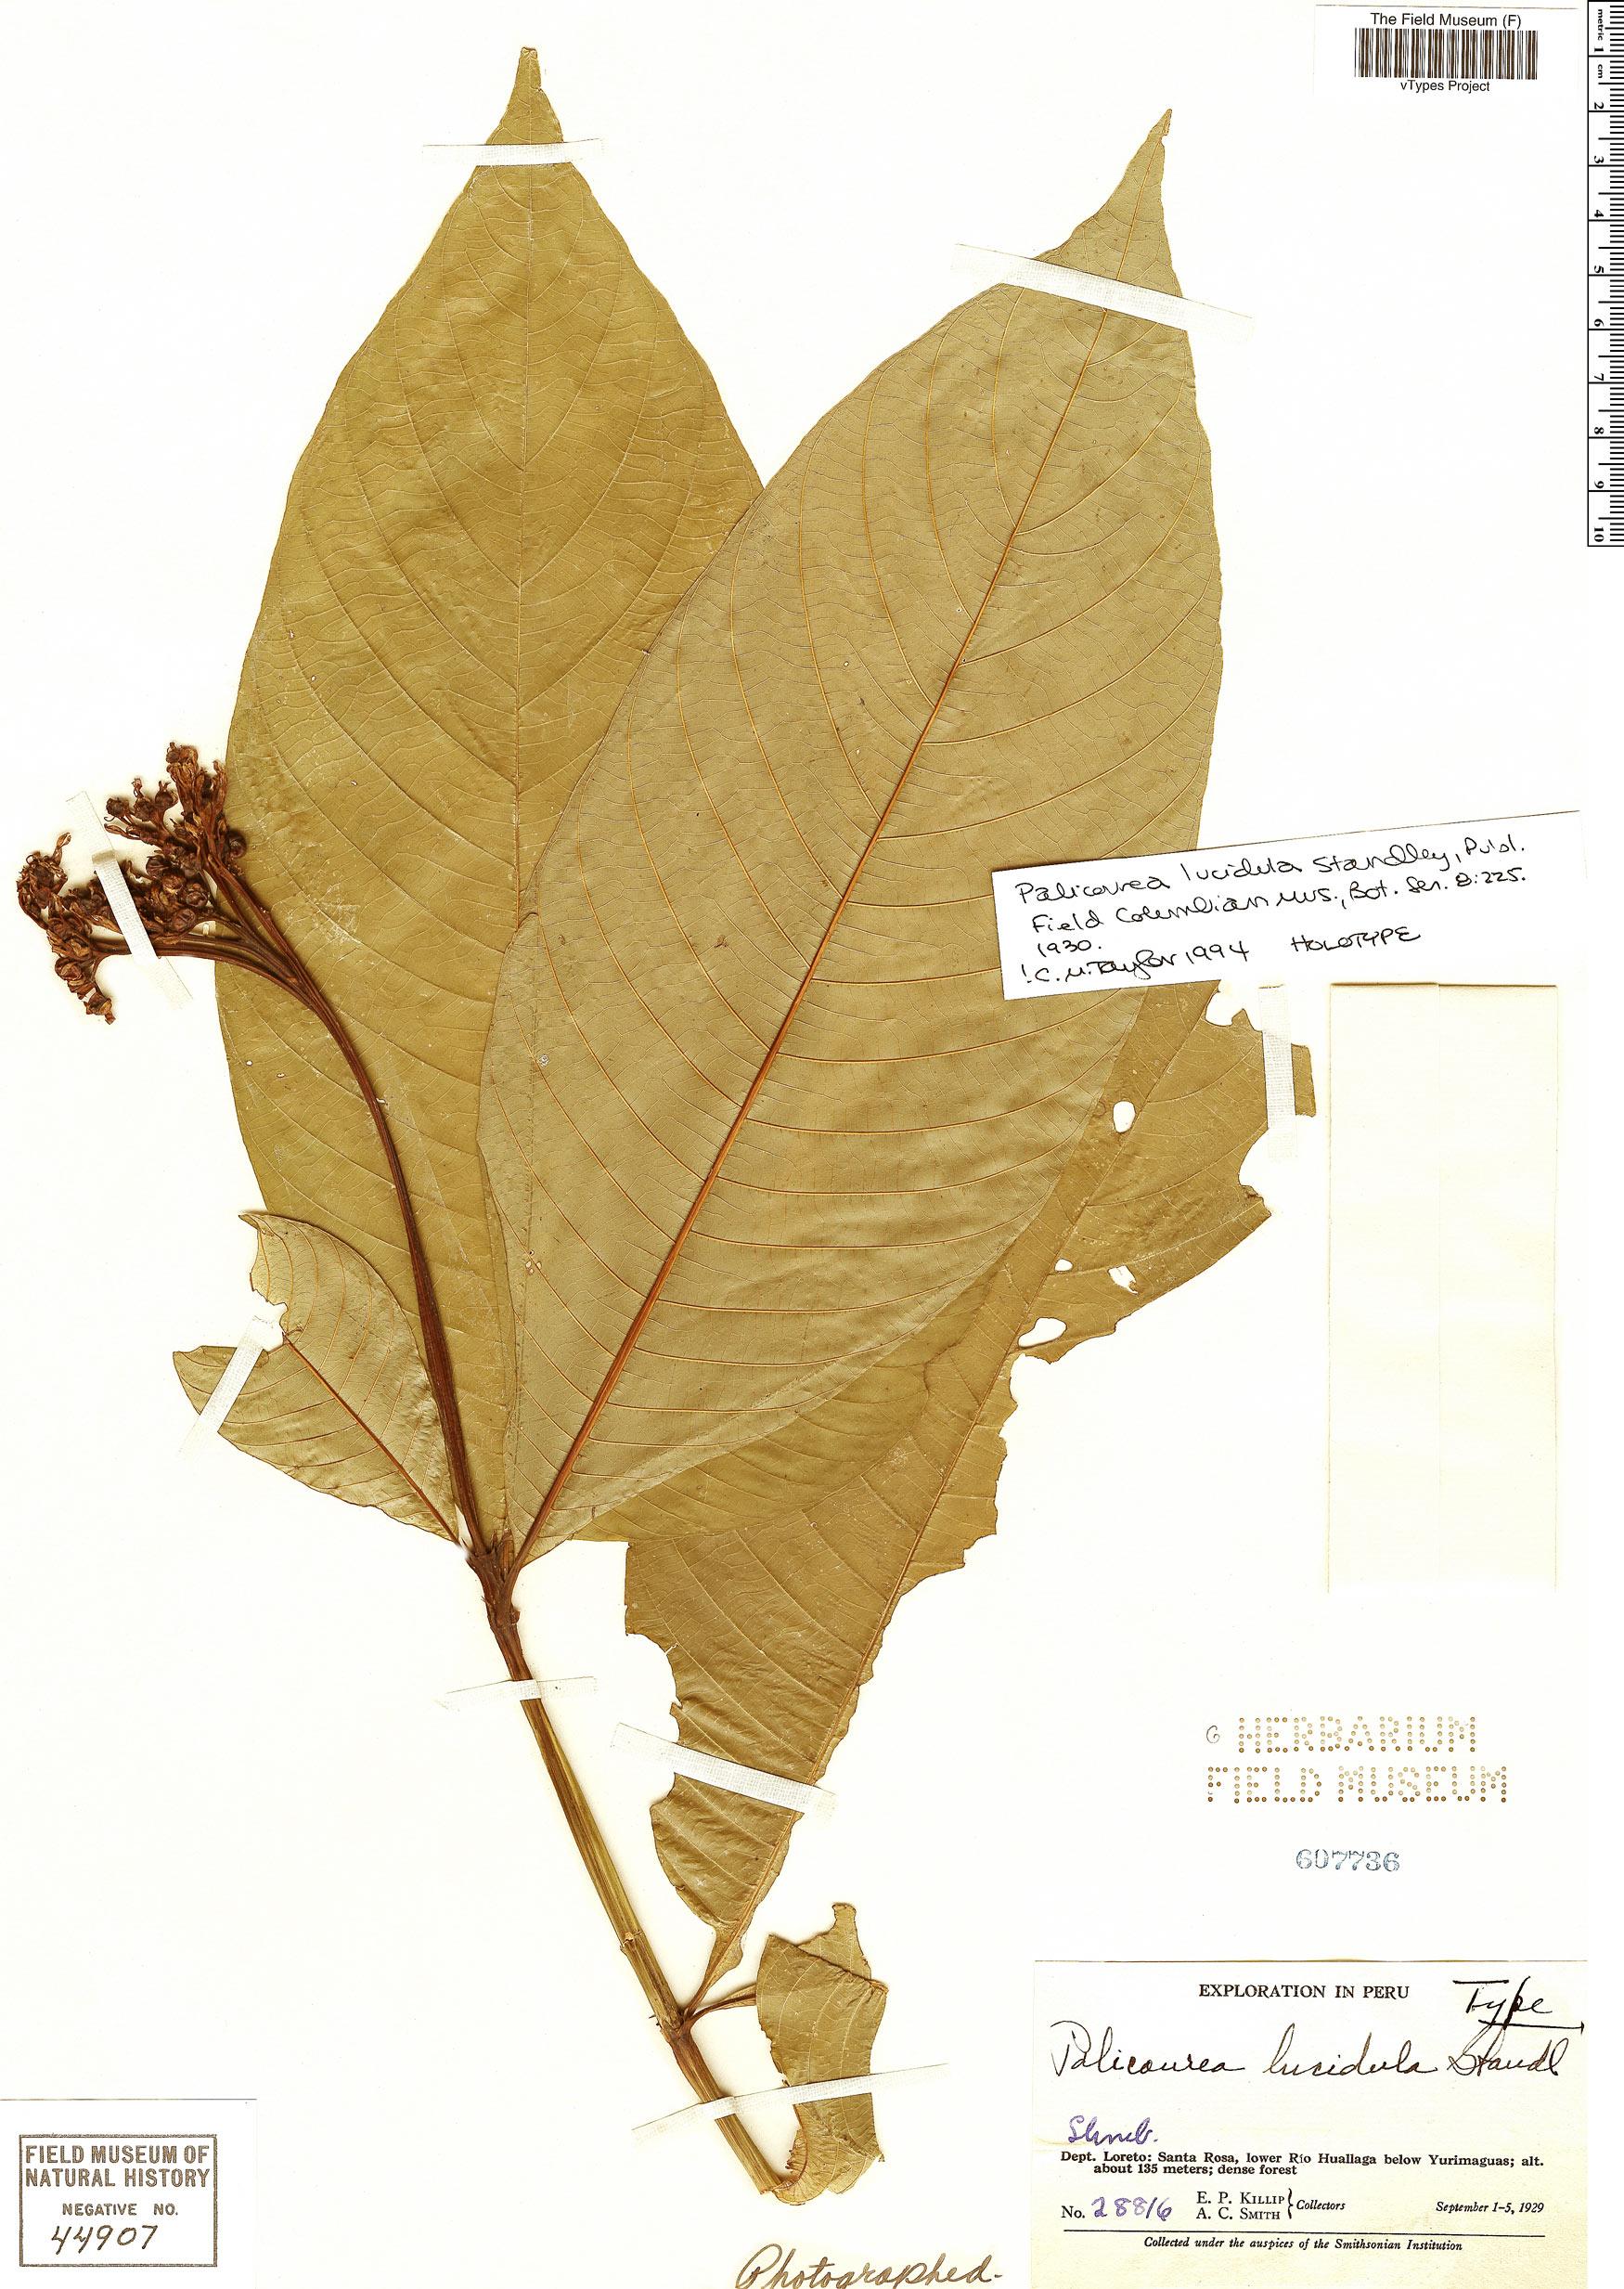 Specimen: Palicourea lucidula